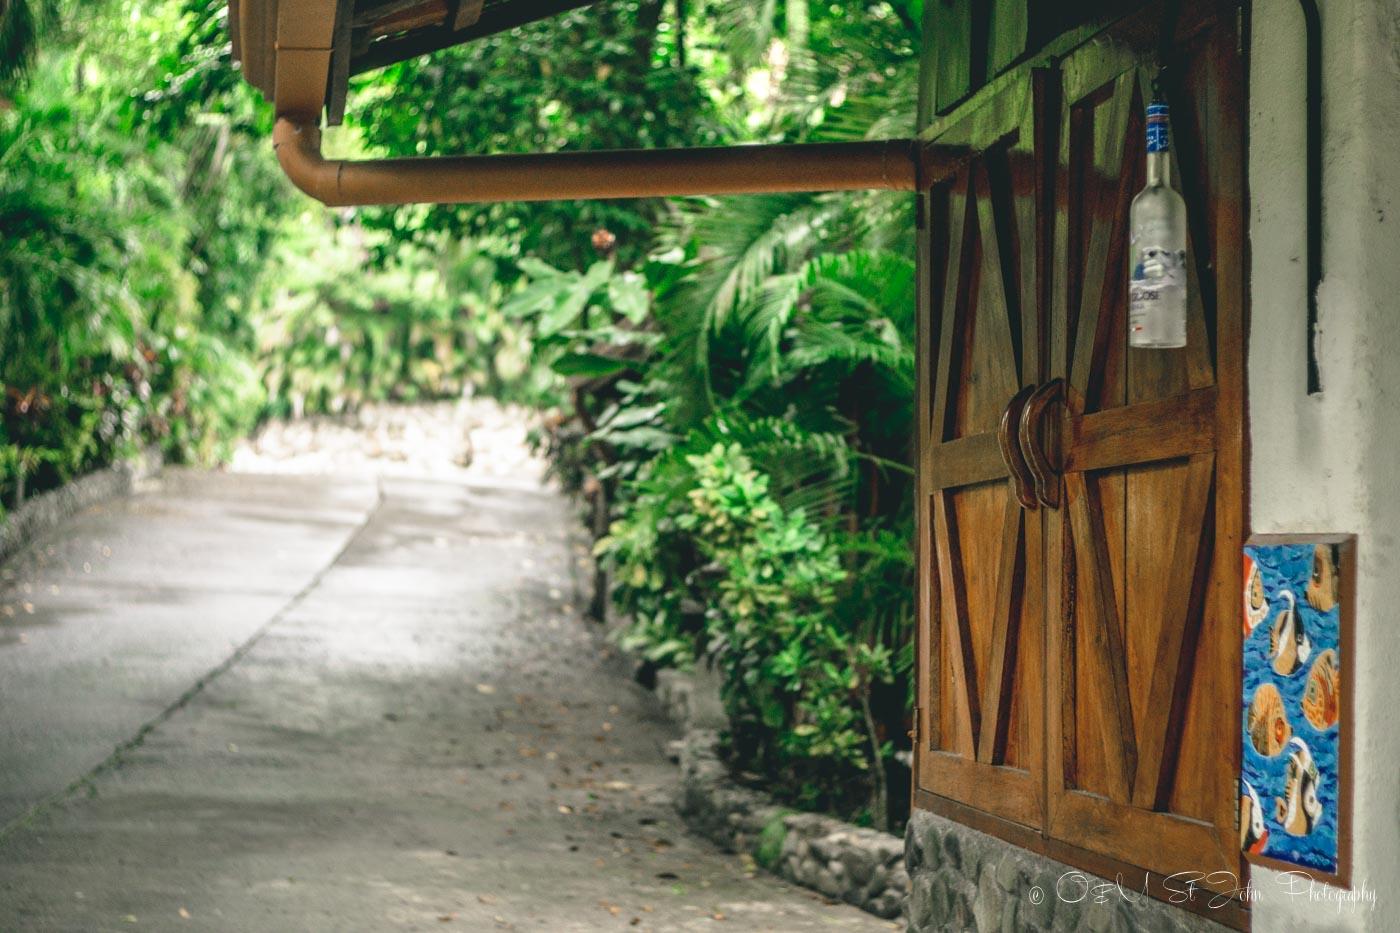 Airplane Hotel Costa Rica: Costa Verde Hotel